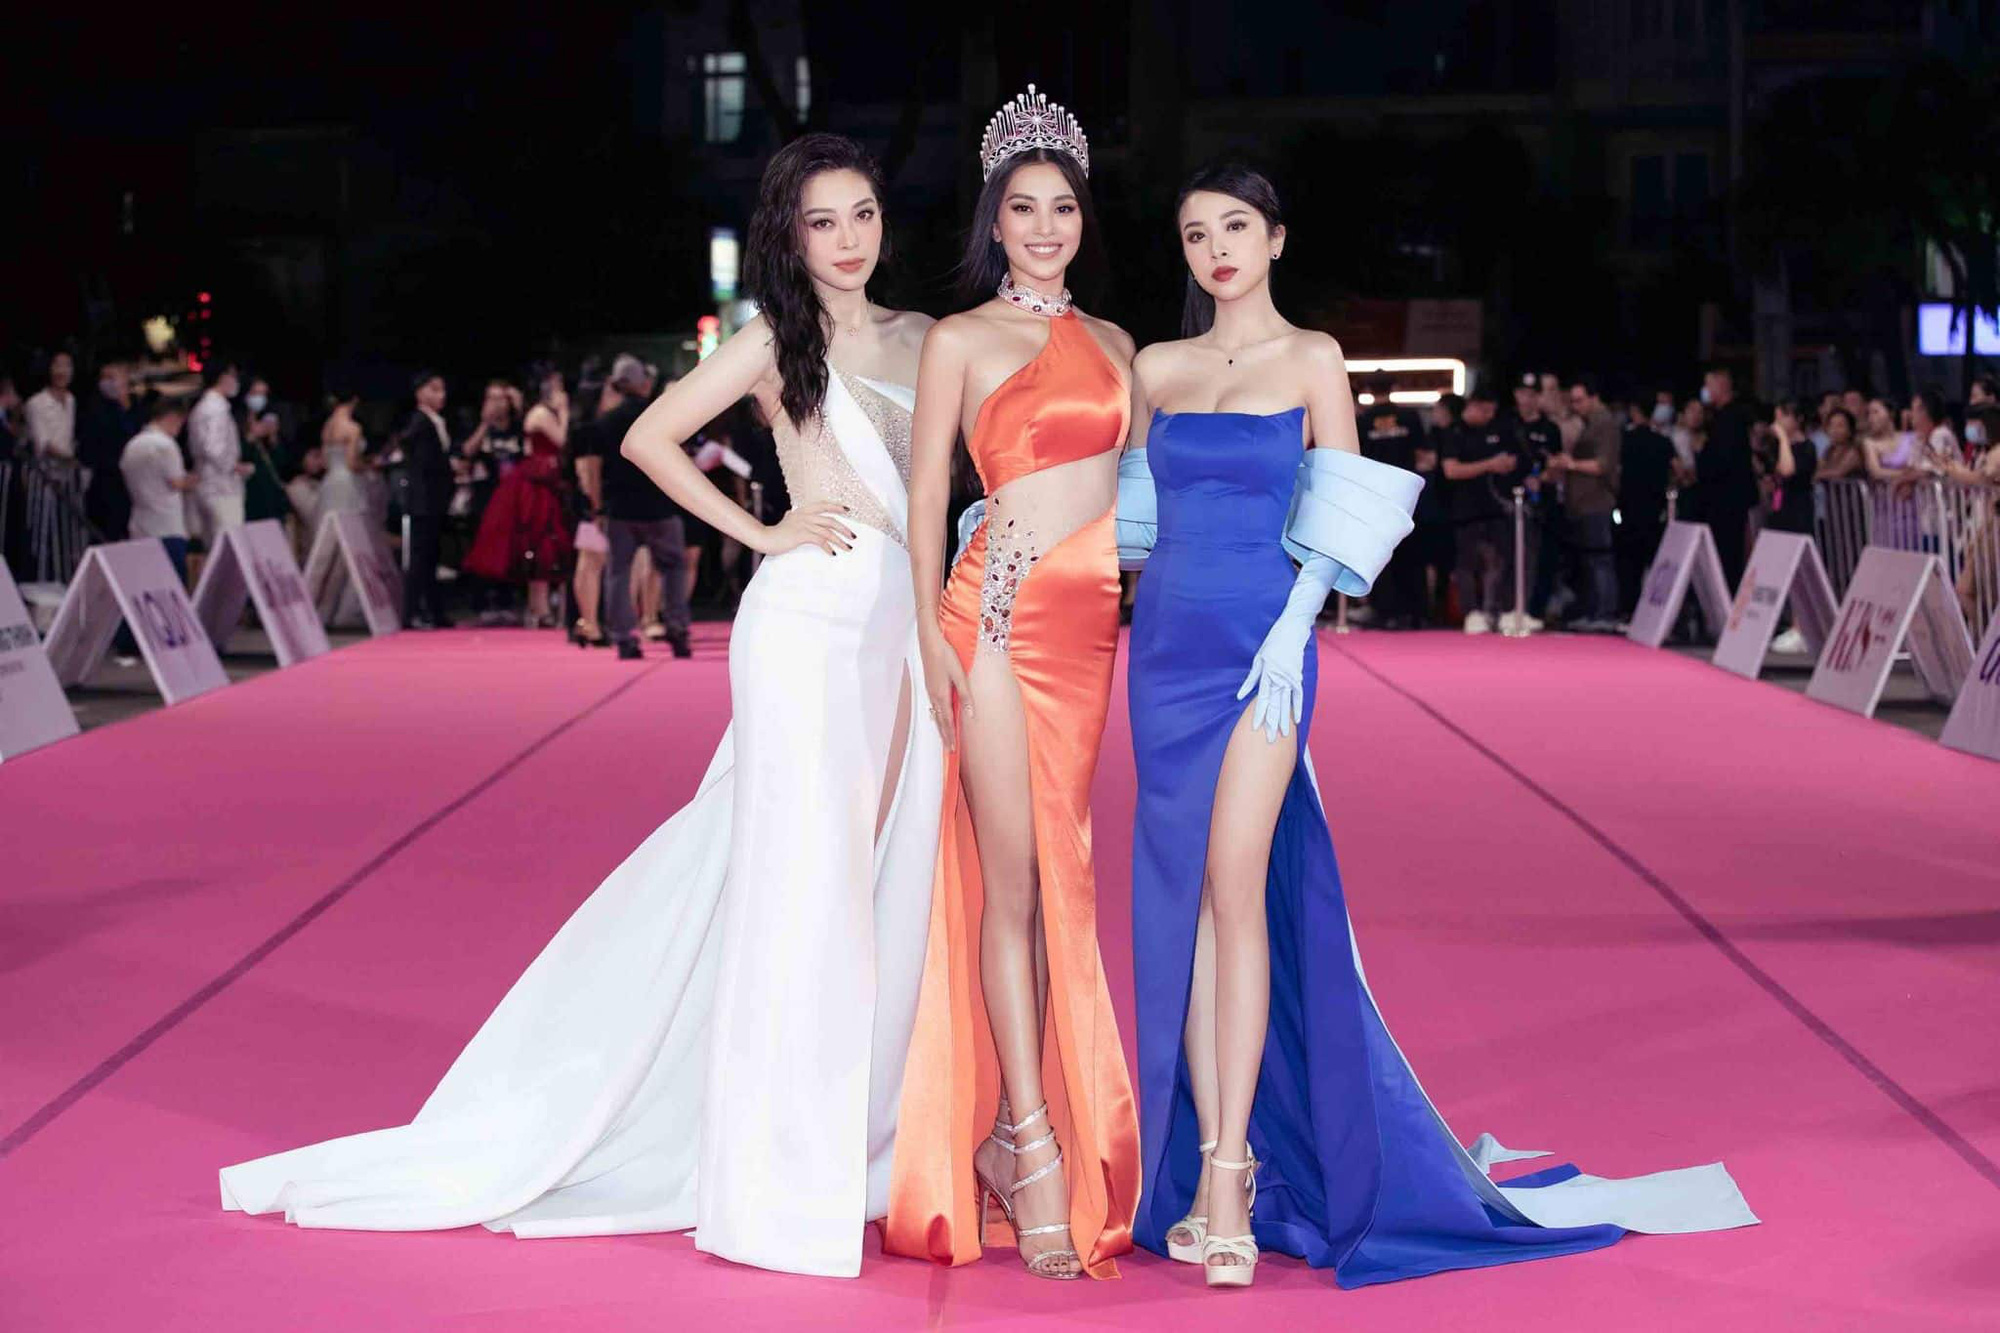 """Trần Tiểu Vy mặc váy xẻ cao """"bất tận"""", Thùy Tiên mặc xuyên thấu quyến rũ tại thảm đỏ Hoa hậu Việt Nam 2020  - Ảnh 3."""